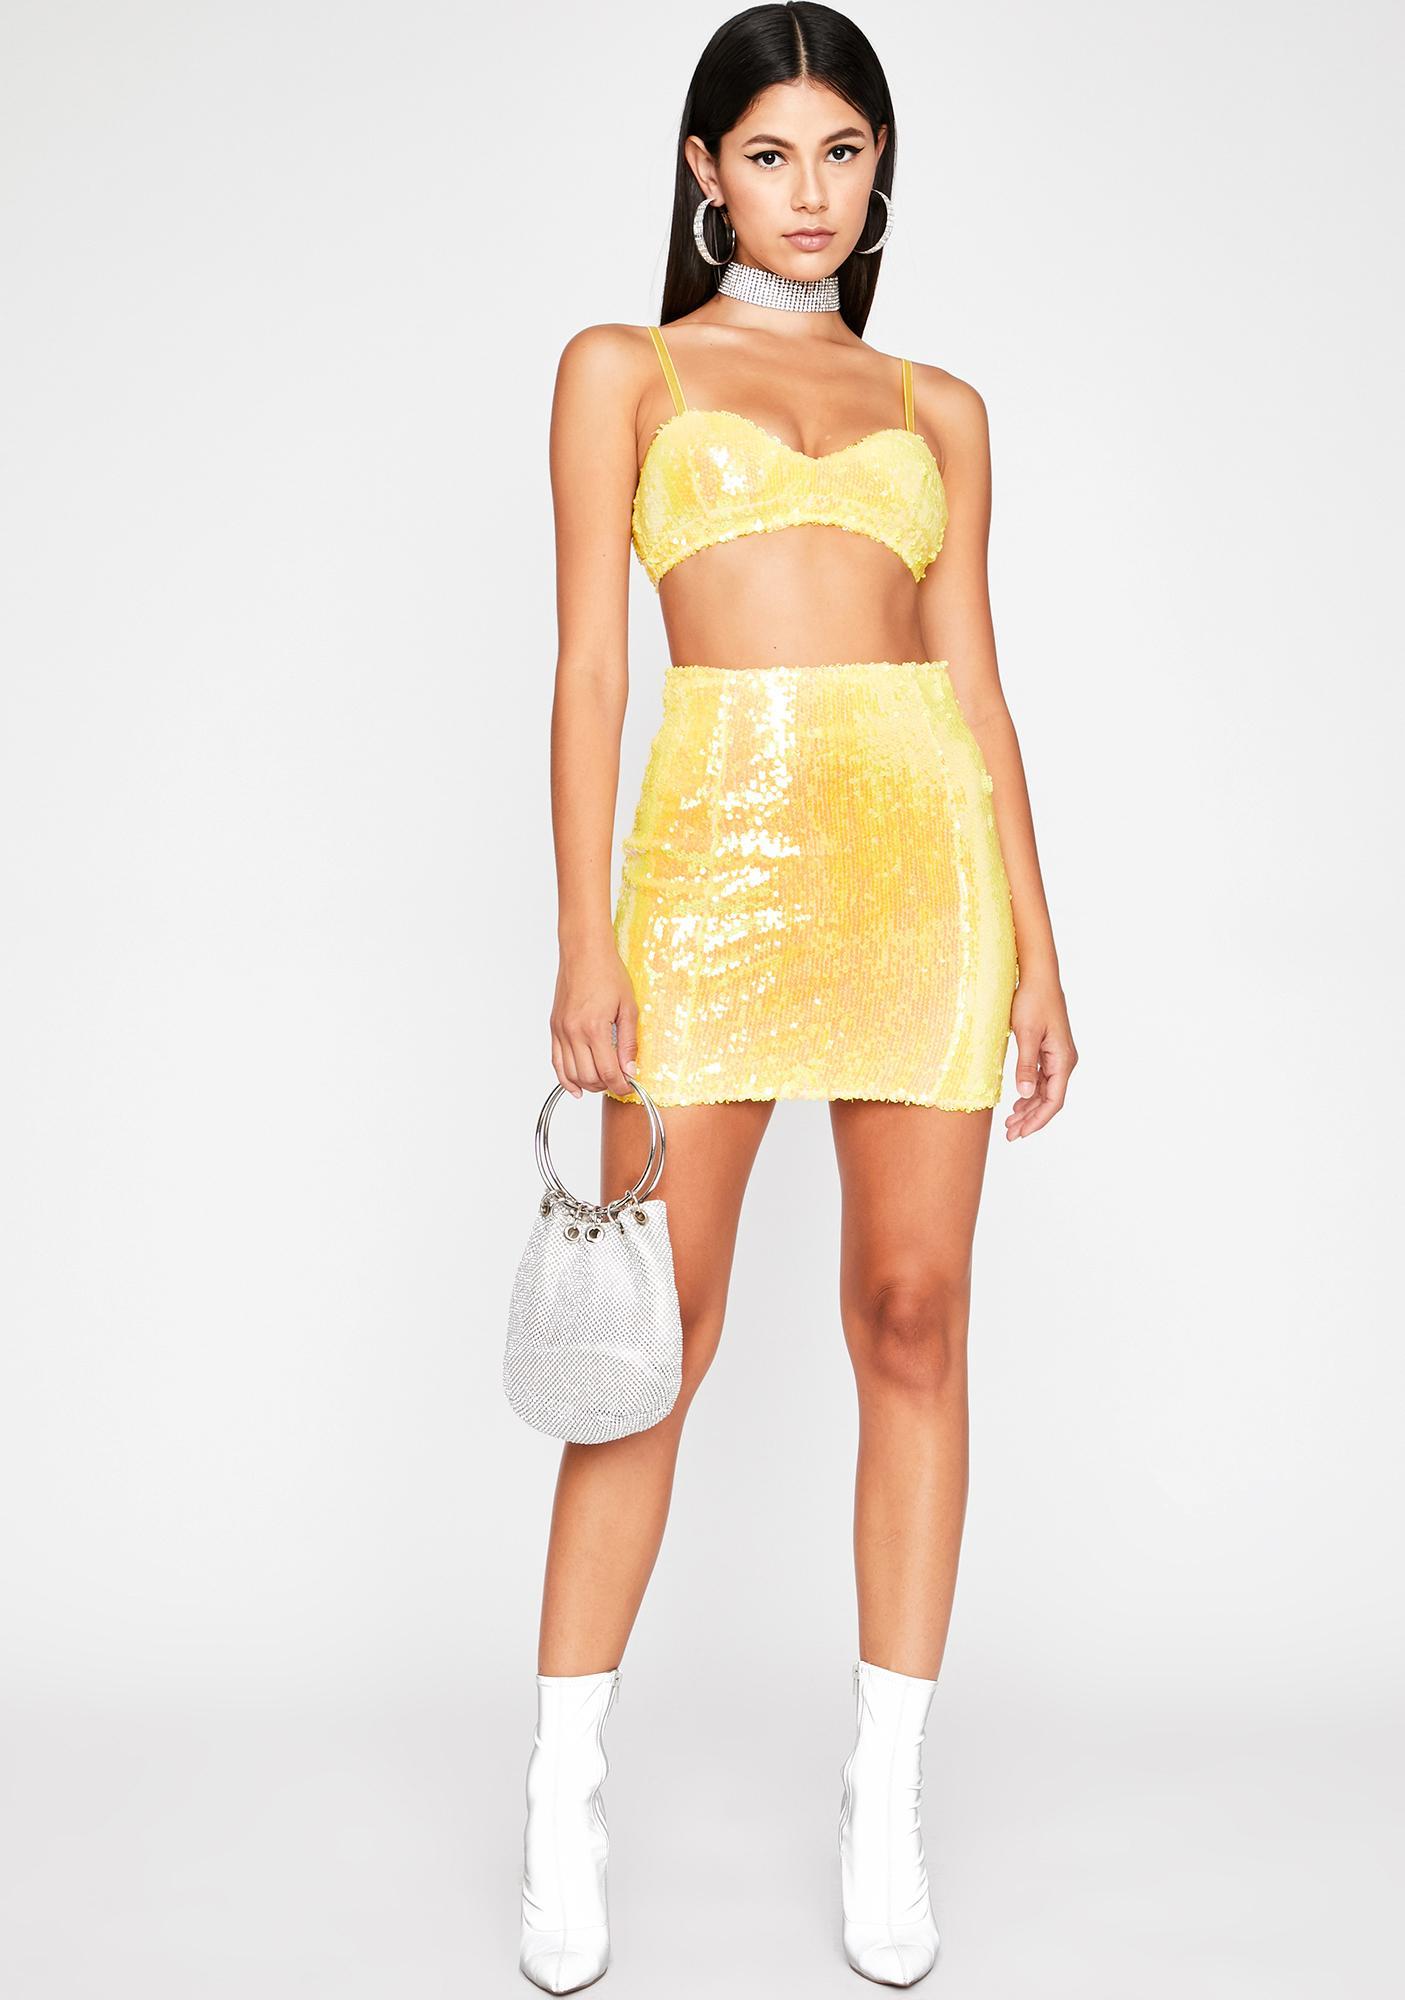 Honey Steady Hustlin' Skirt Set